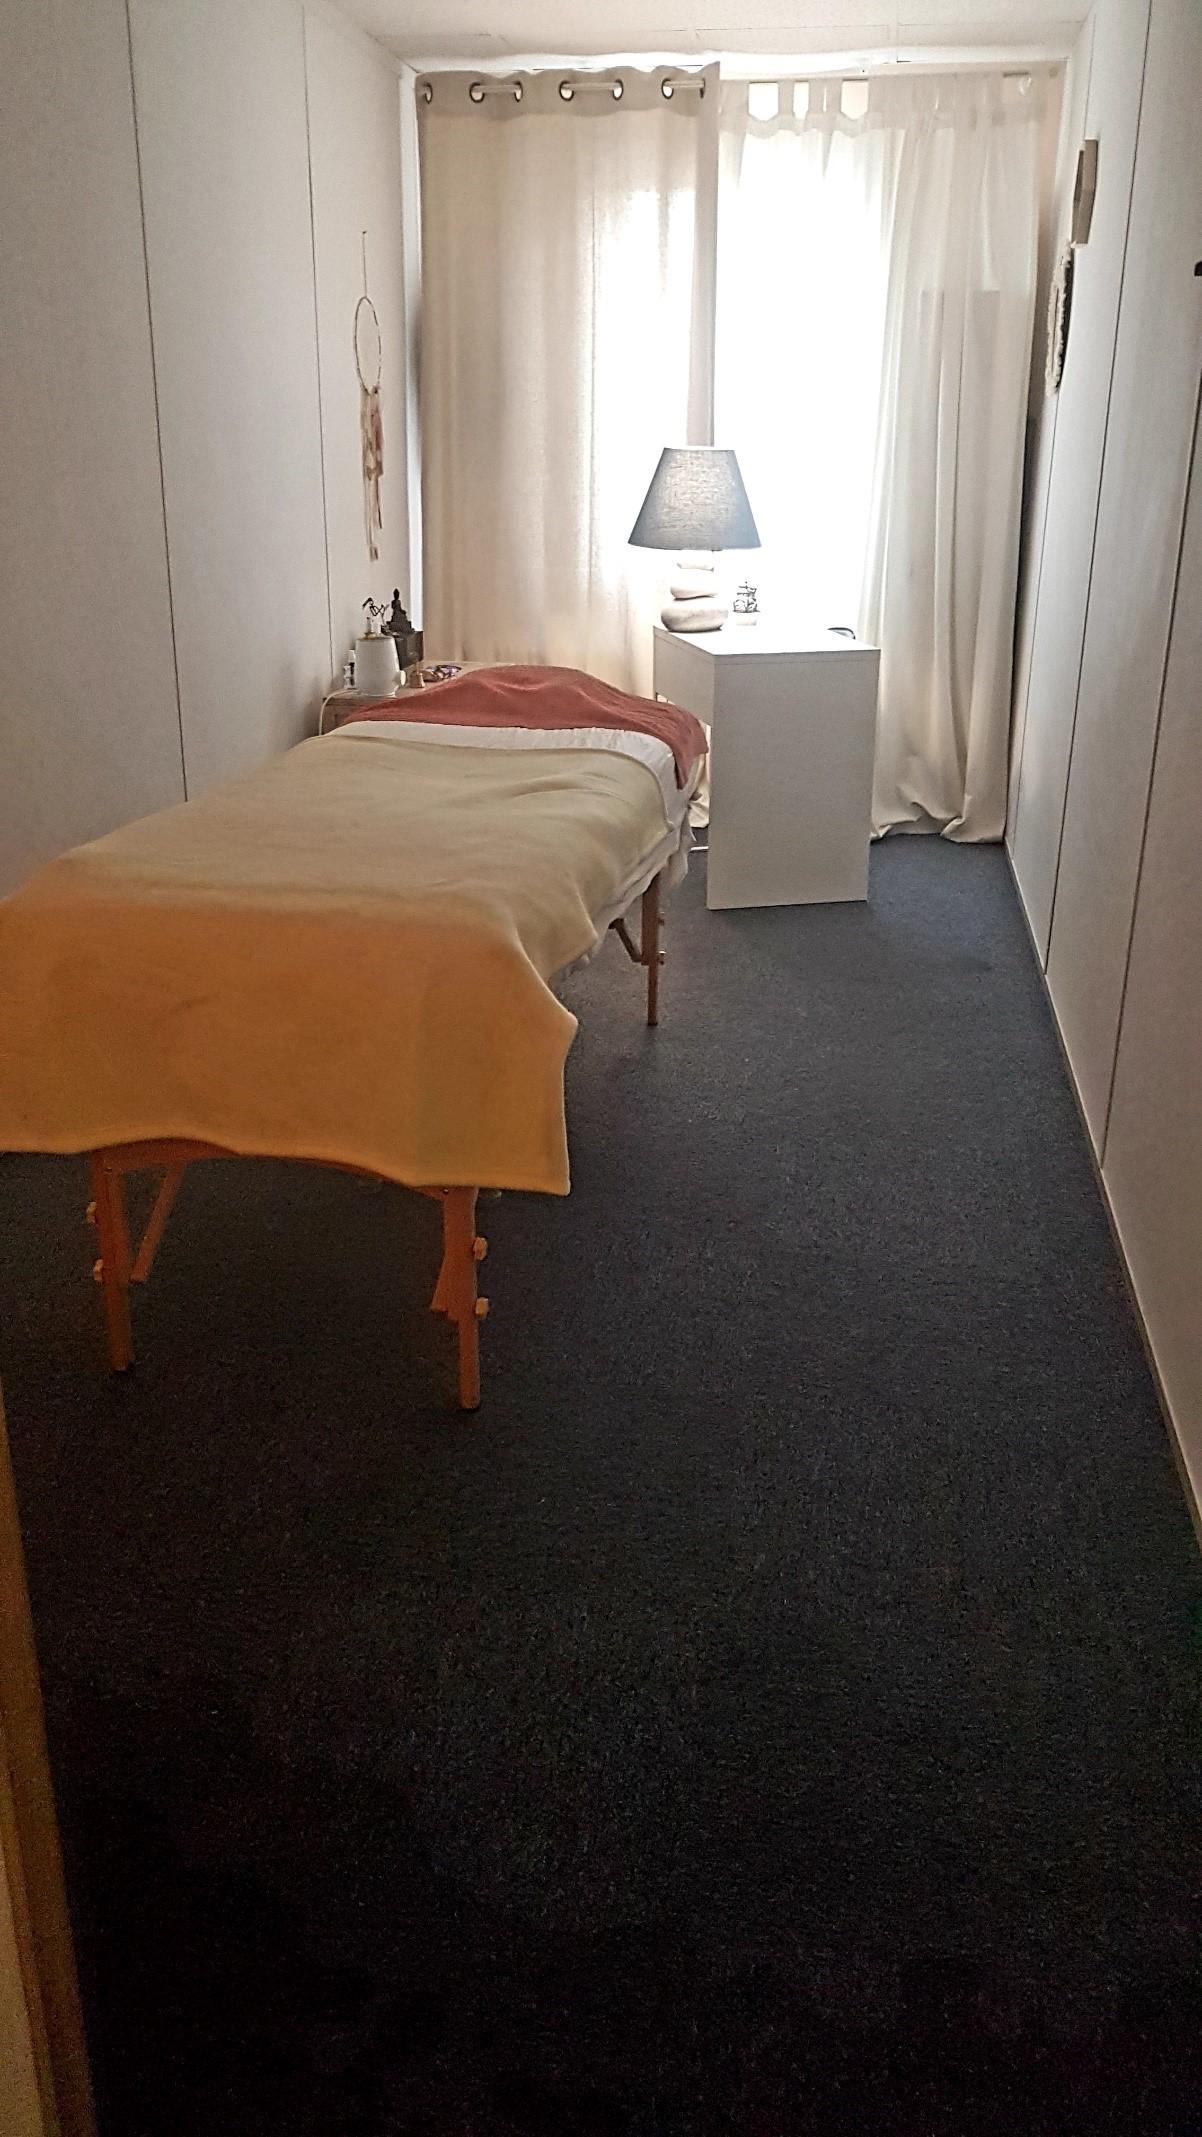 Réflexologie plantaire & massages bien-être à Marseille